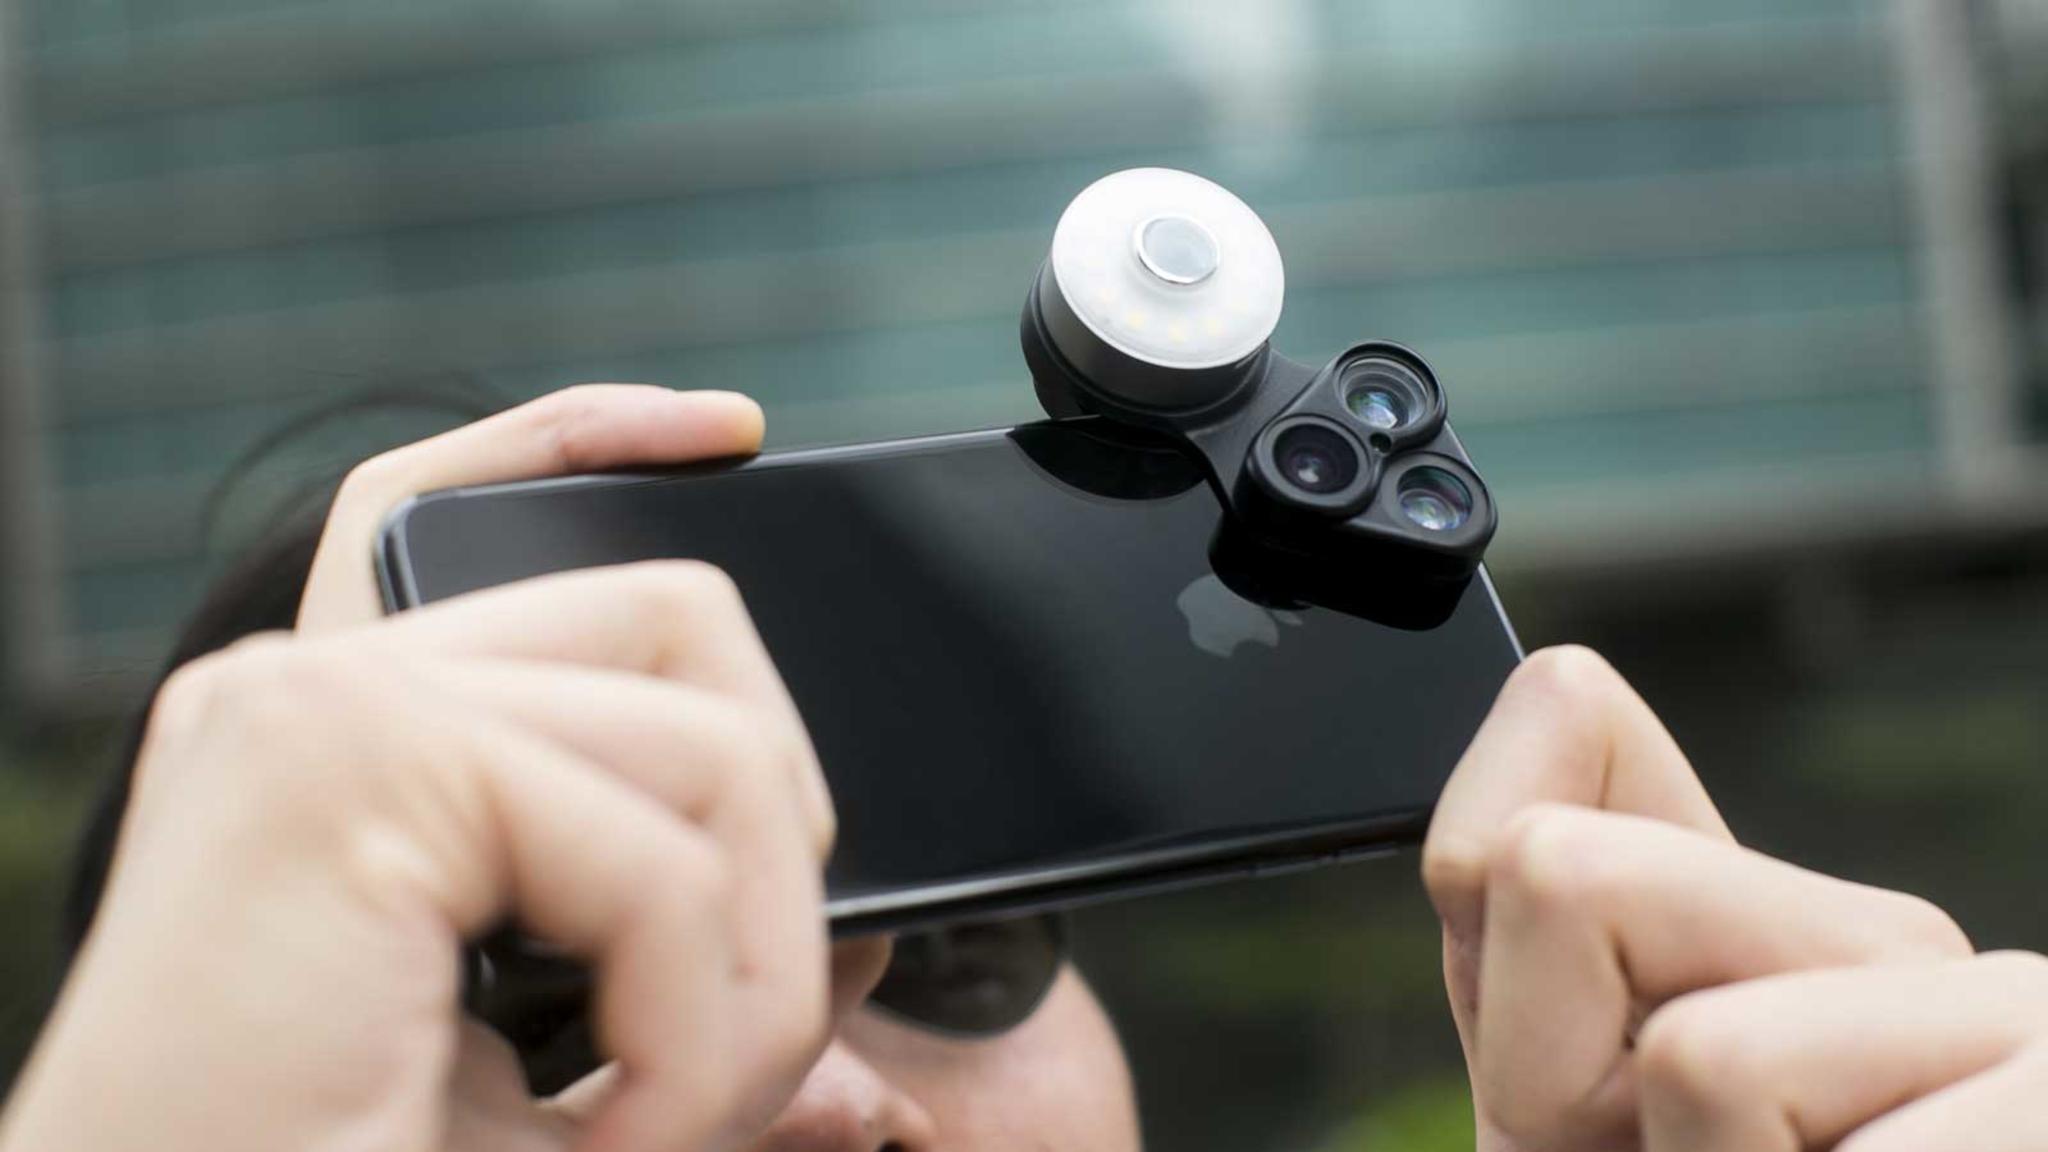 Mit RevolCam lassen sich interessante fotografische Effekte auf dem Smartphone erzielen.